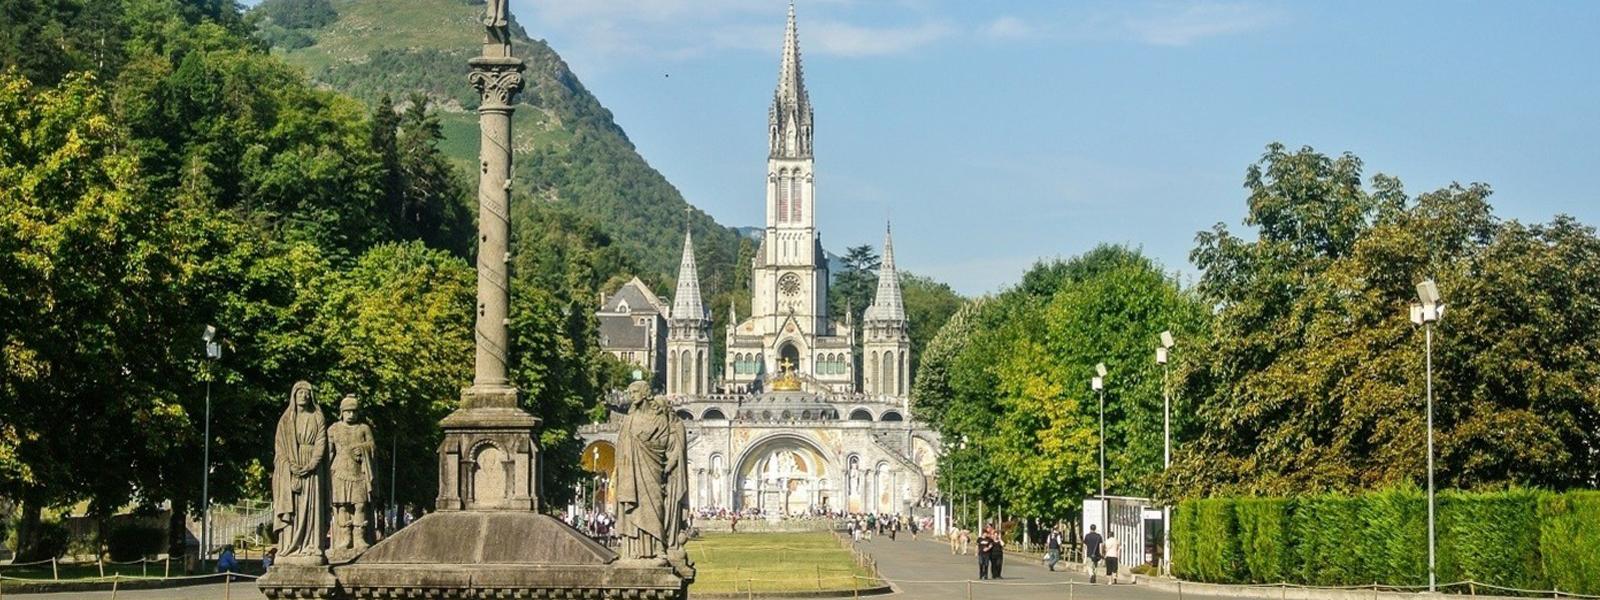 P17-09-14-Lourdes-L1